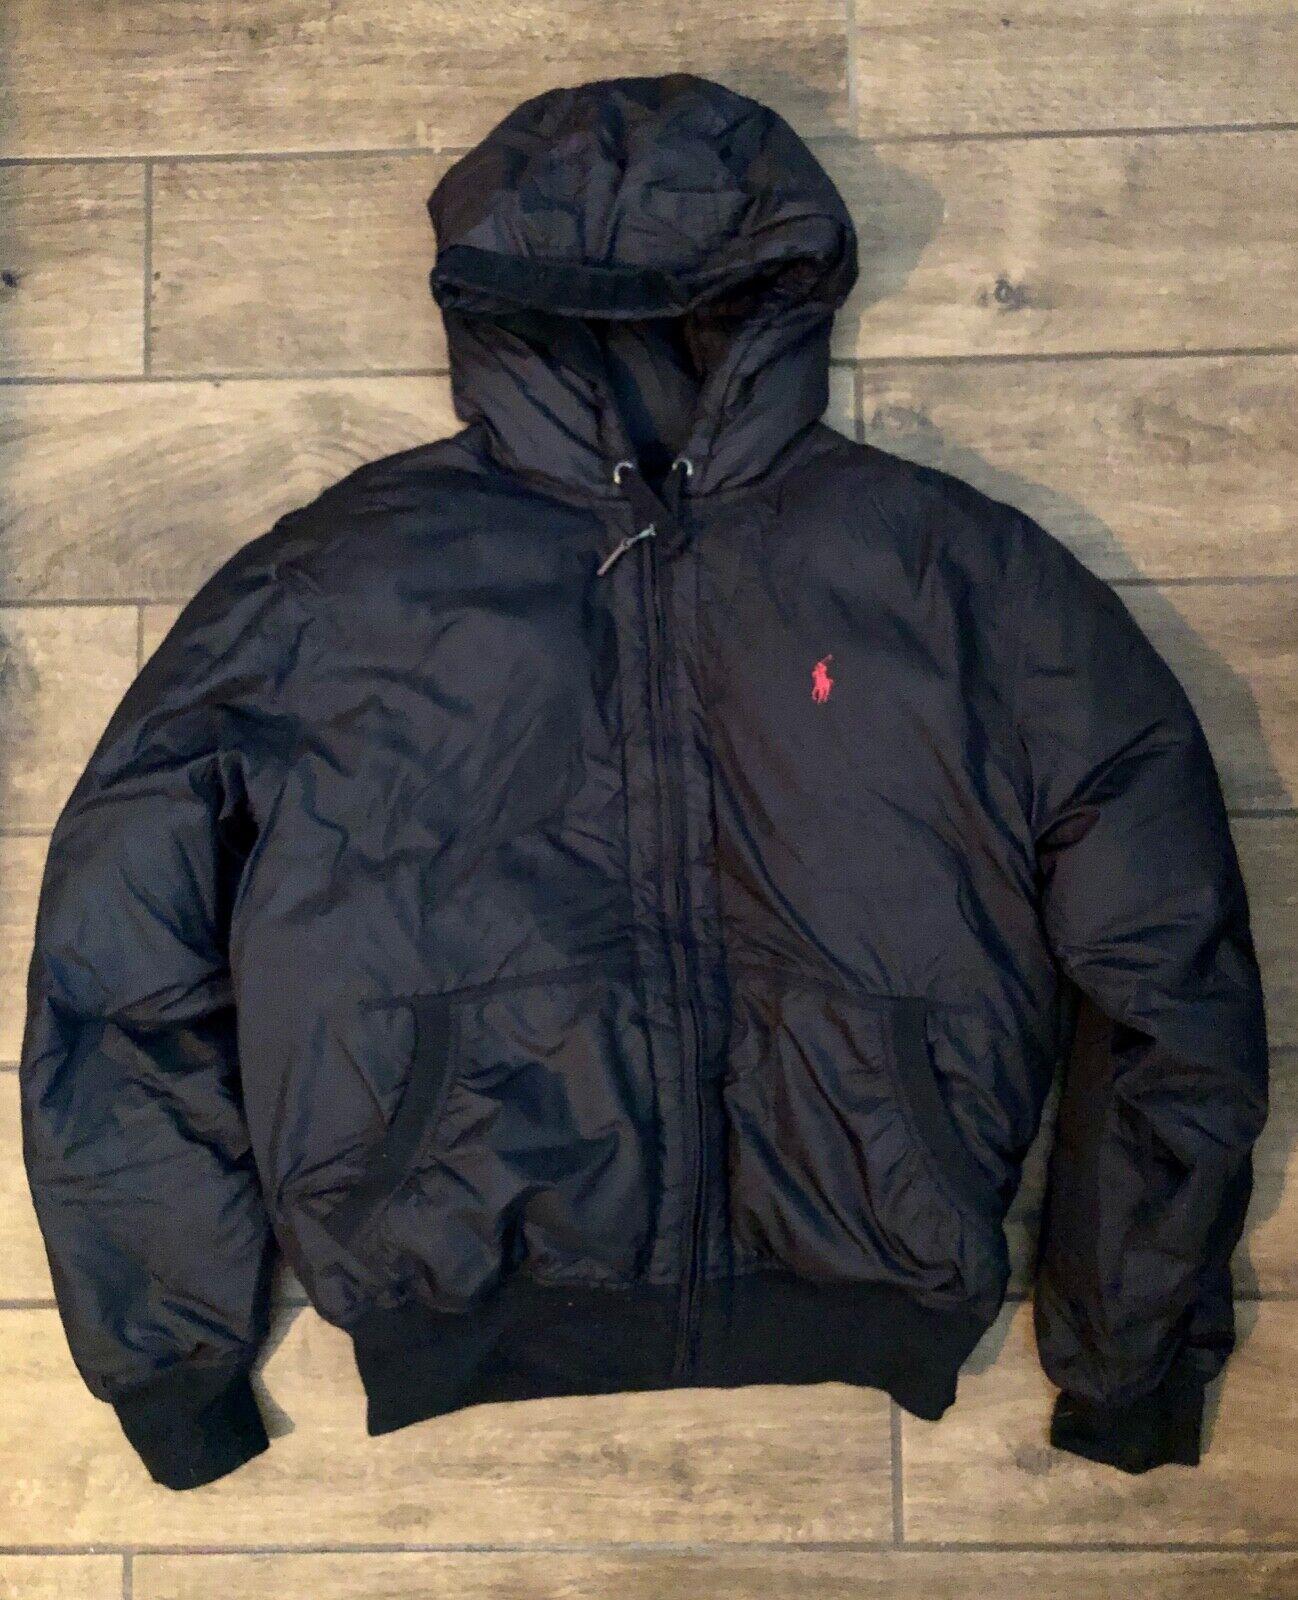 Polo  Ralph Lauren Acolchado Negro Chaqueta De Plumón Acolchado Invierno Abrigo Mujer L  Seleccione de las marcas más nuevas como